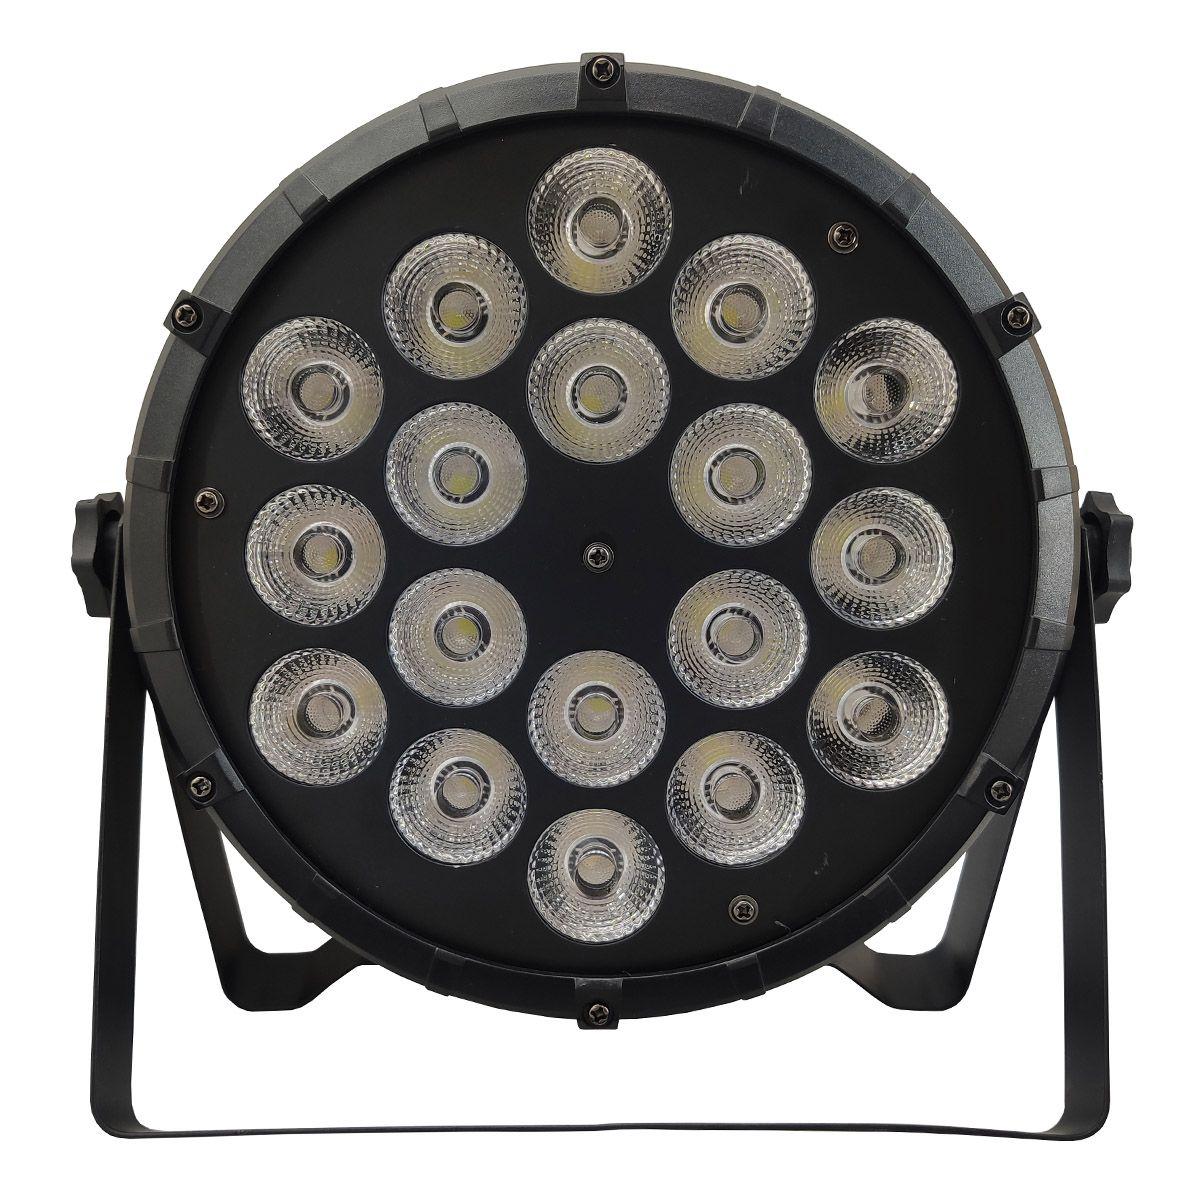 Kit 10 Unidades - Canhão Par Led 18 x 12w RGBW - Briwax  - RS Som e Luz!